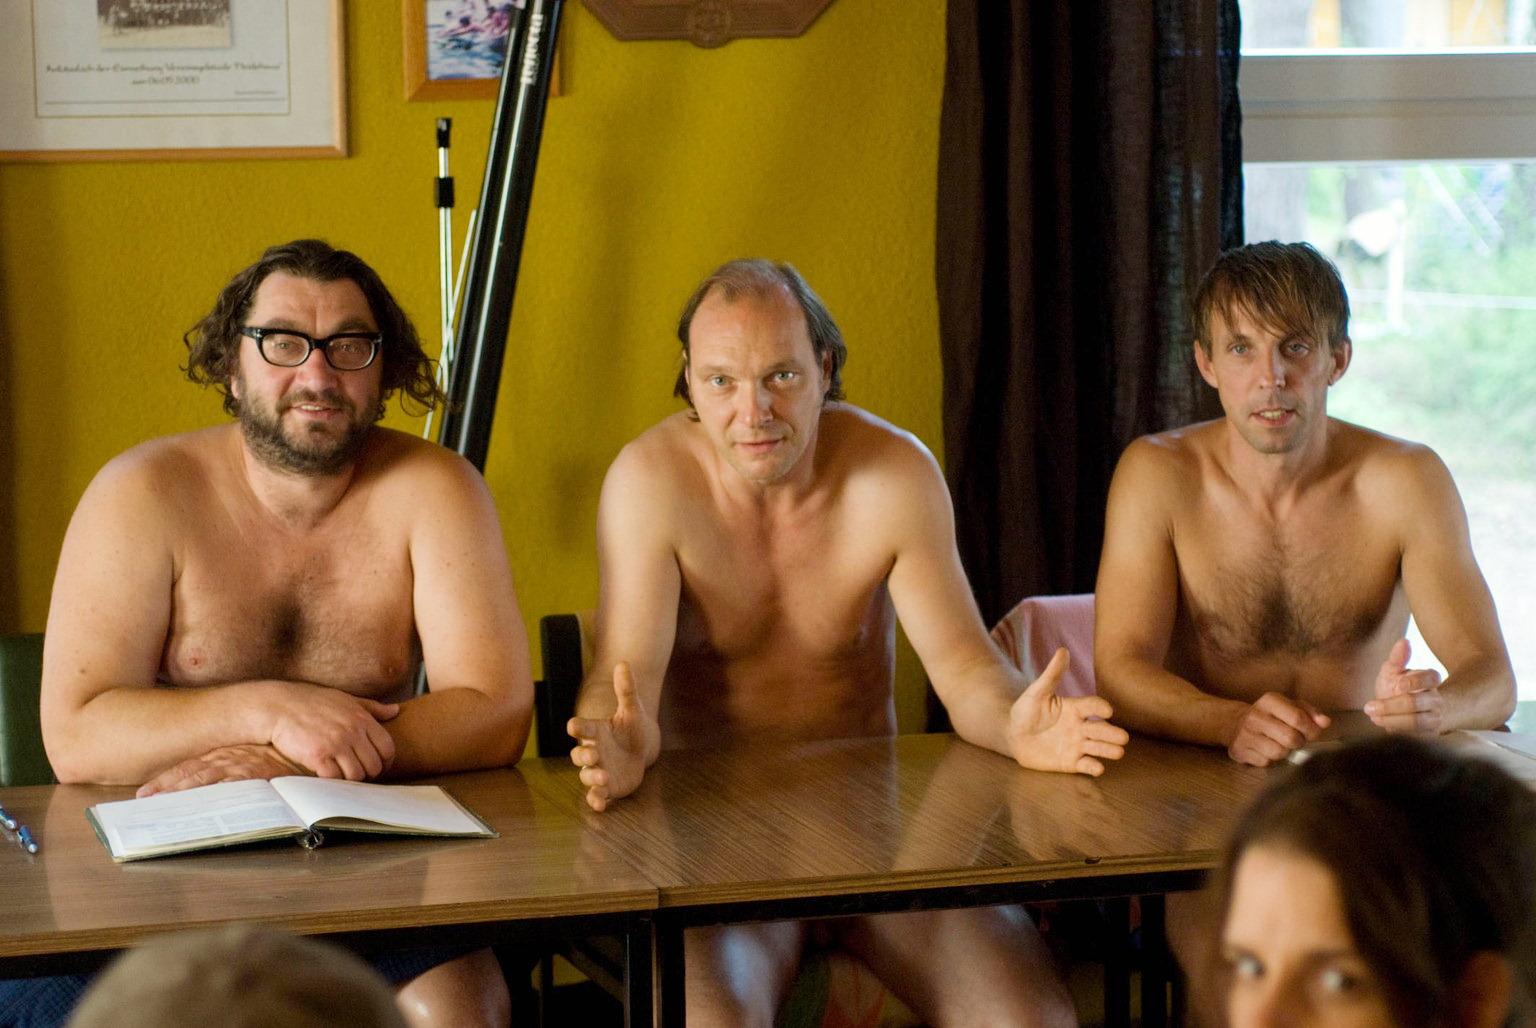 Männer bilder fkk FKK Männer